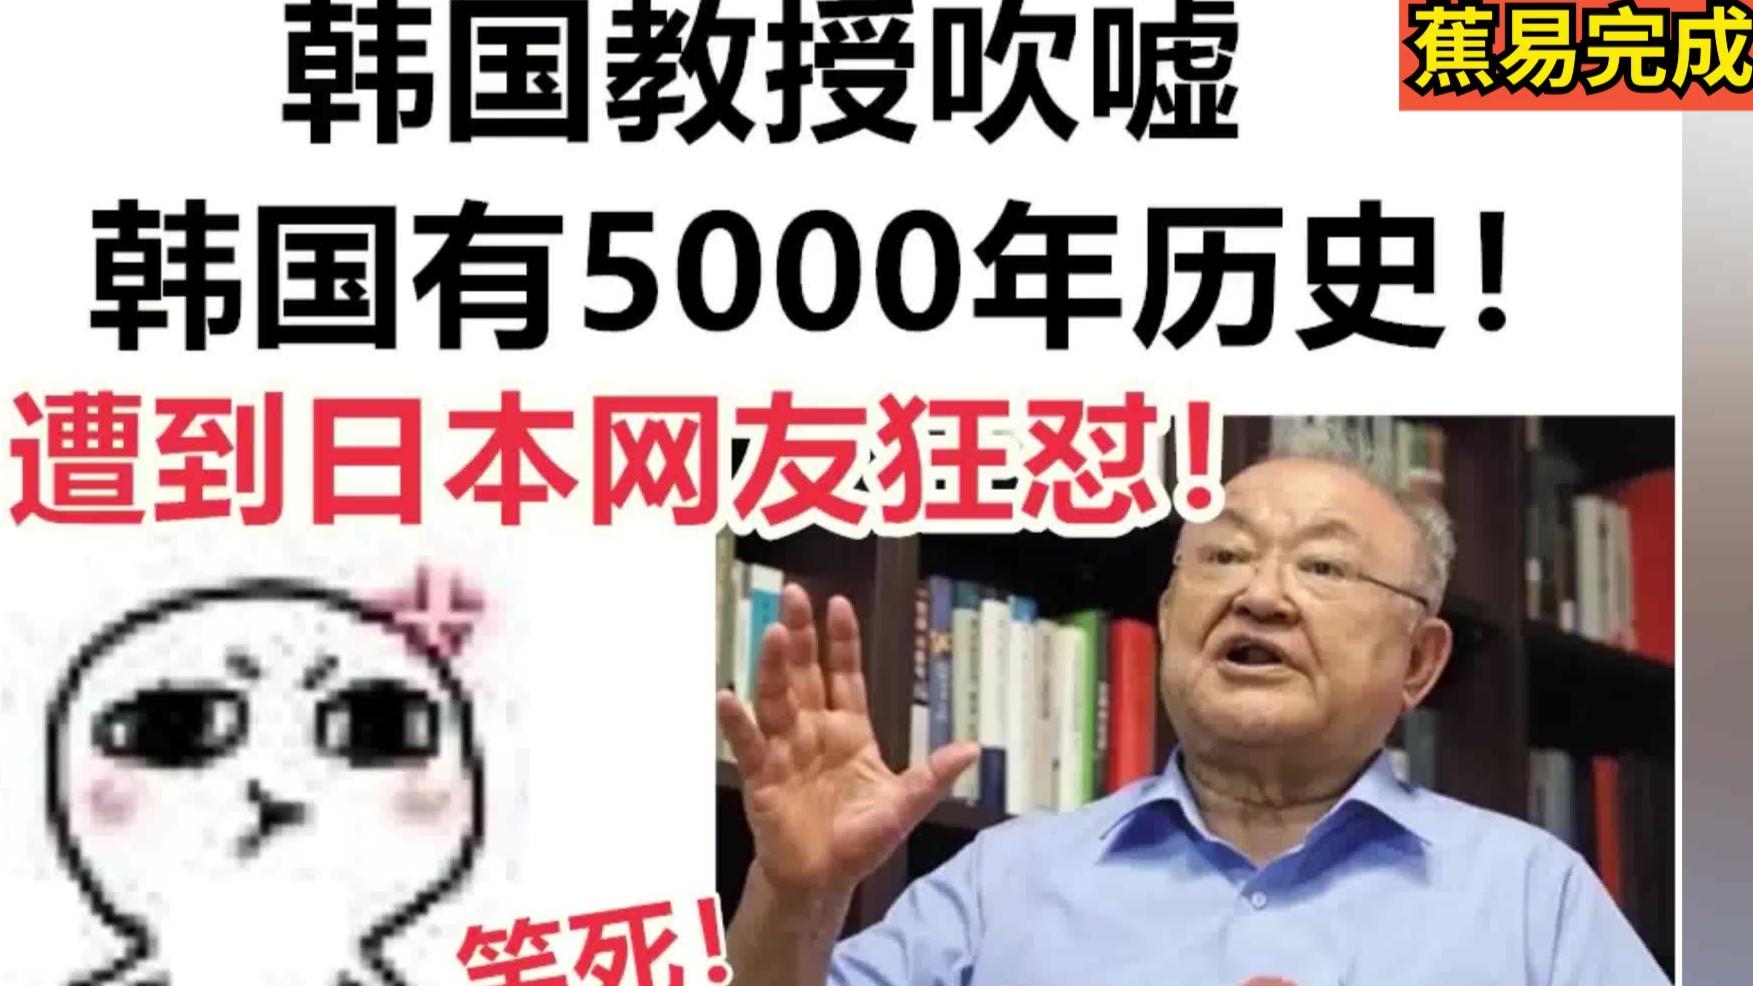 韩国教授吹嘘【韩国有5000年历史】,遭到《日本网友纷纷狂怼》!